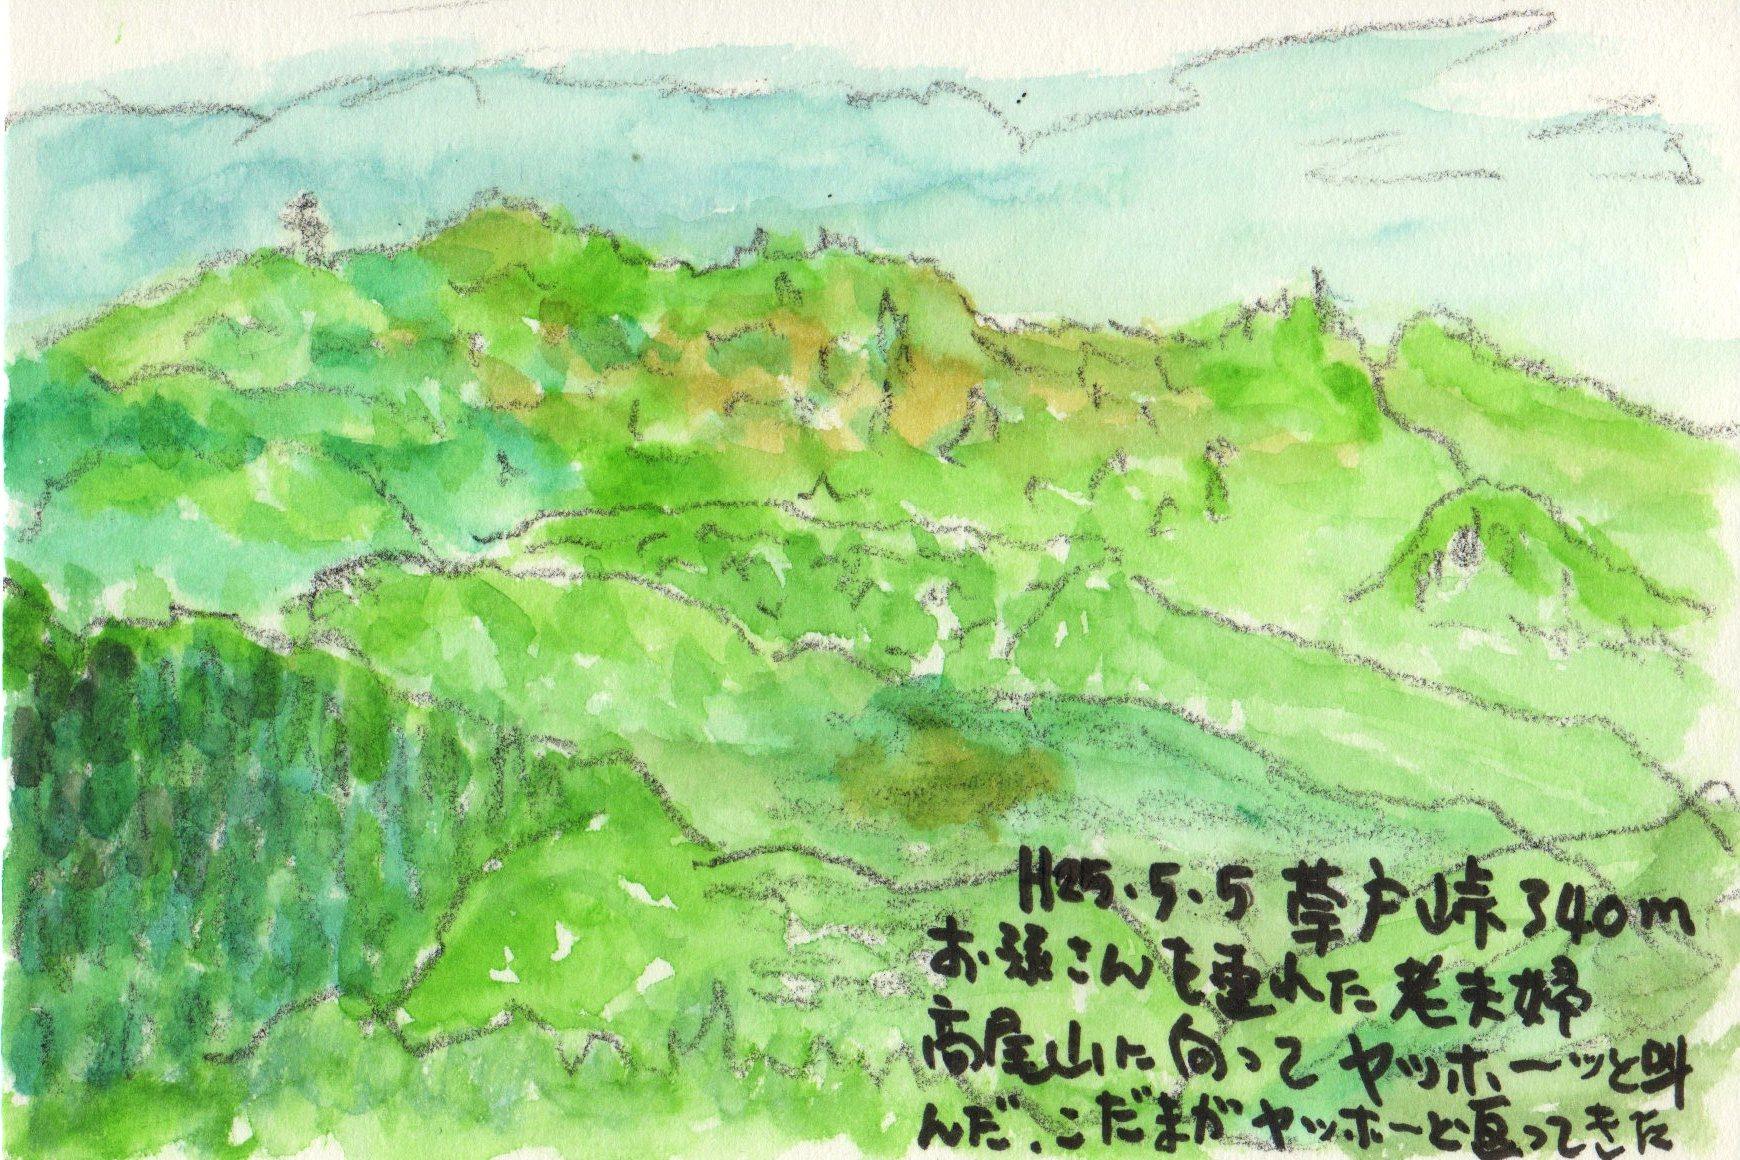 南高尾山稜_e0232277_11224152.jpg